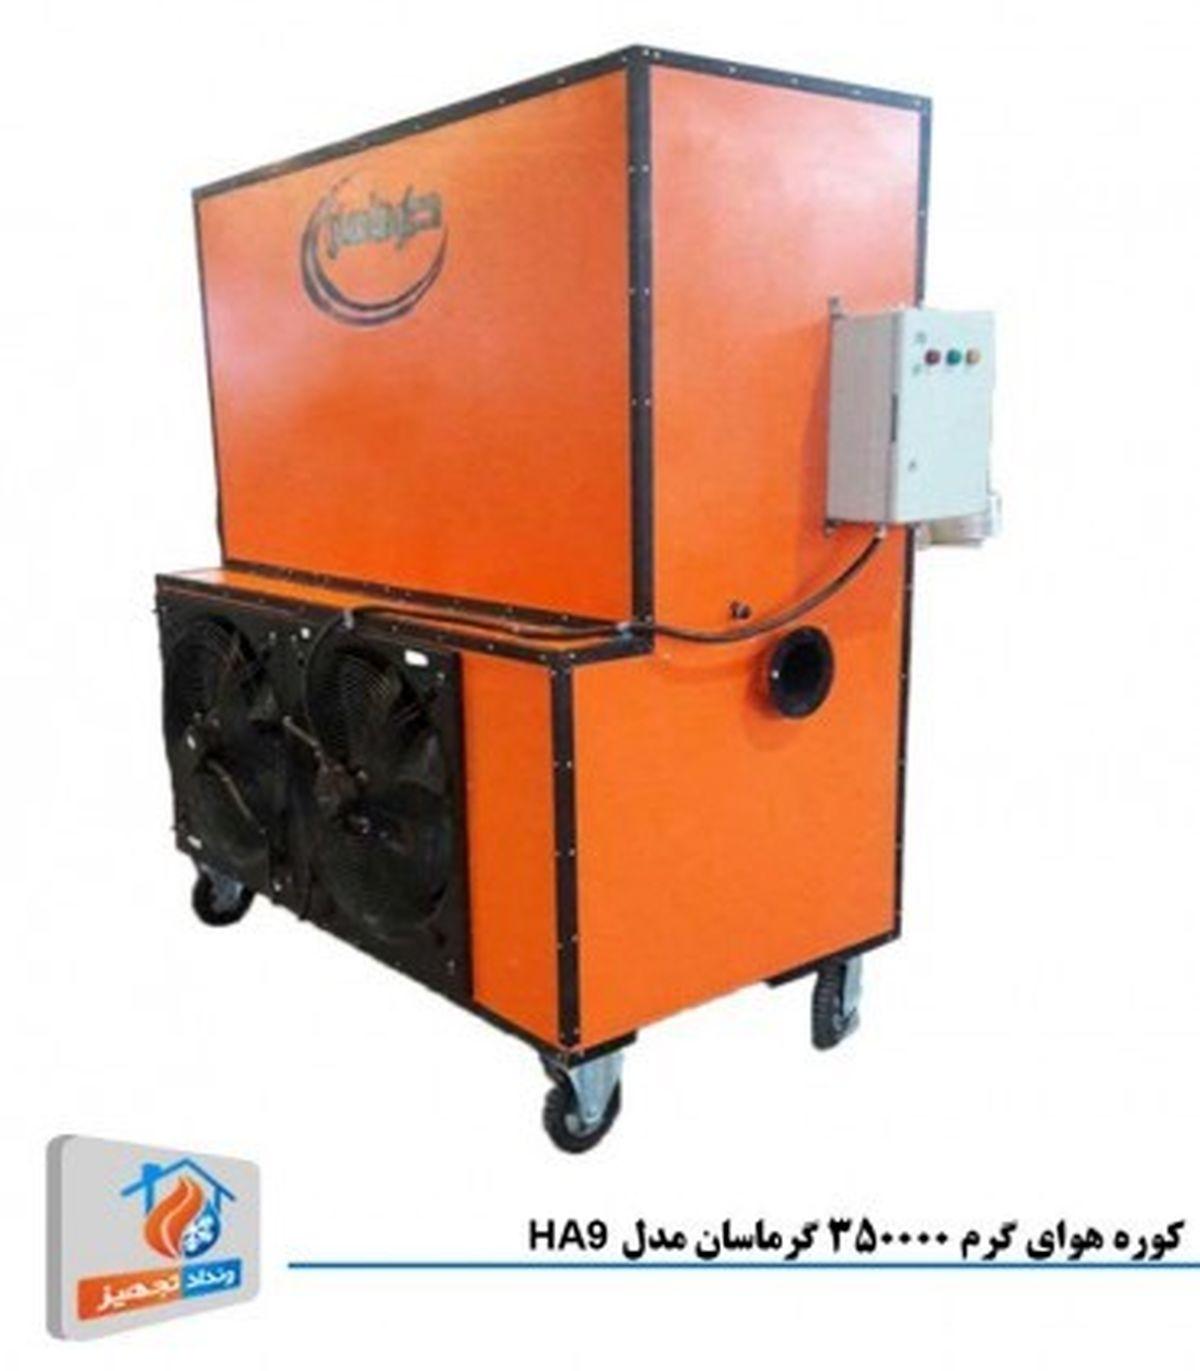 بهترین کارخانه های تولید کننده گرماتاب در ایران